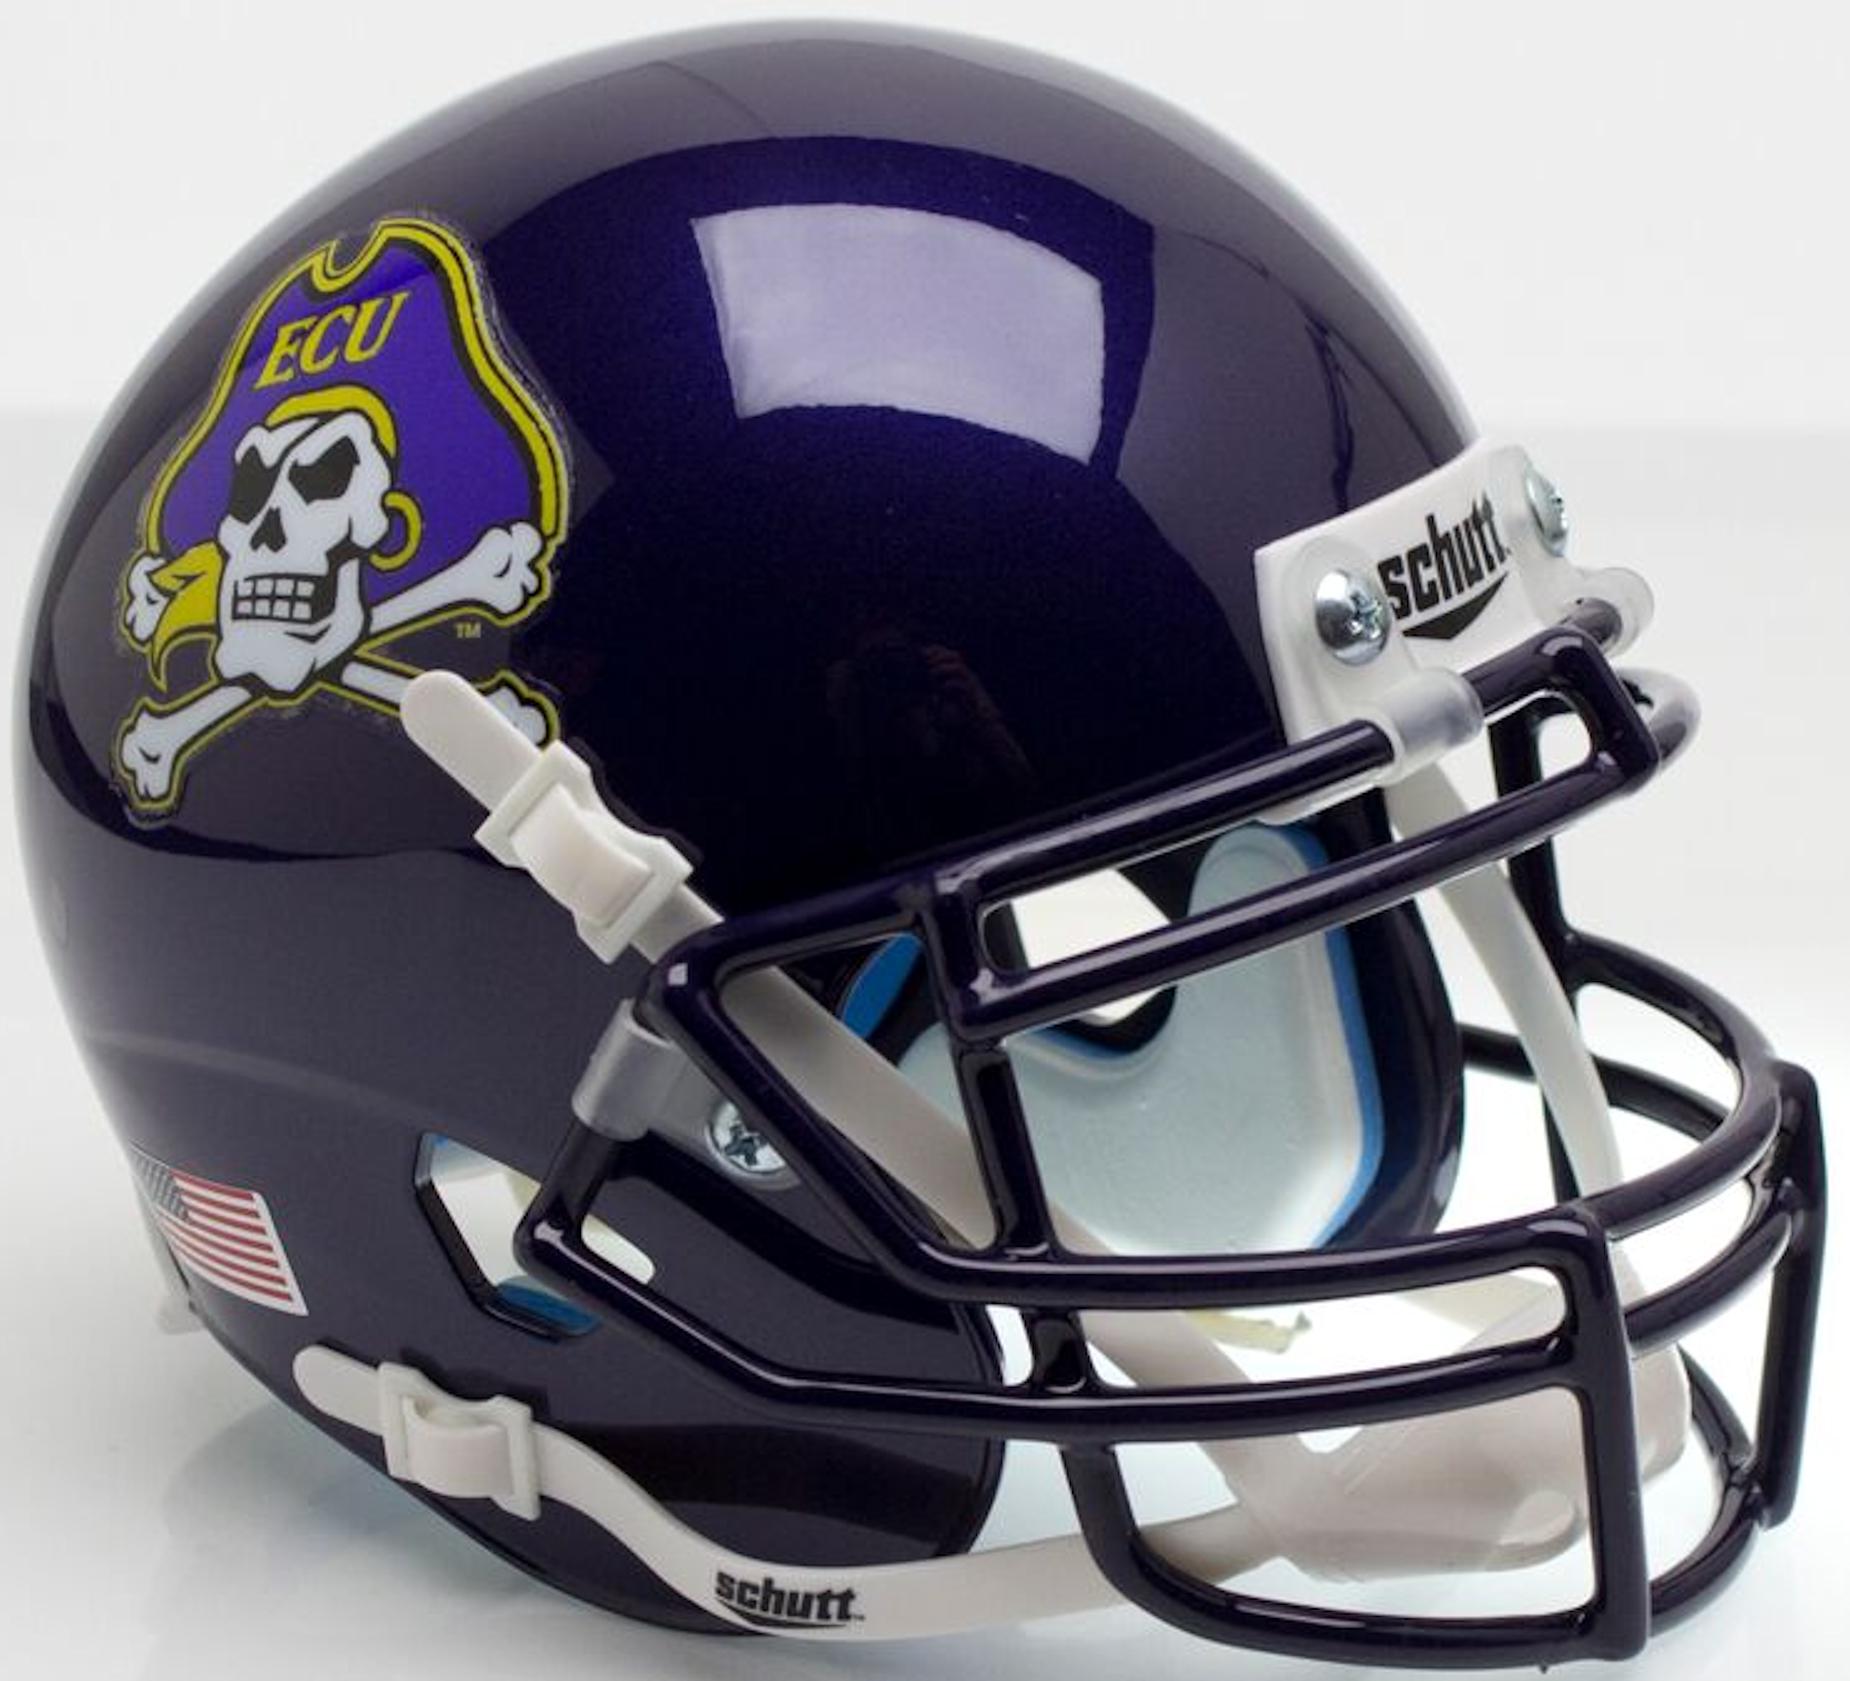 East Carolina Pirates Mini XP Authentic Helmet Schutt <B>Purple Mask ECU on Hat</B>